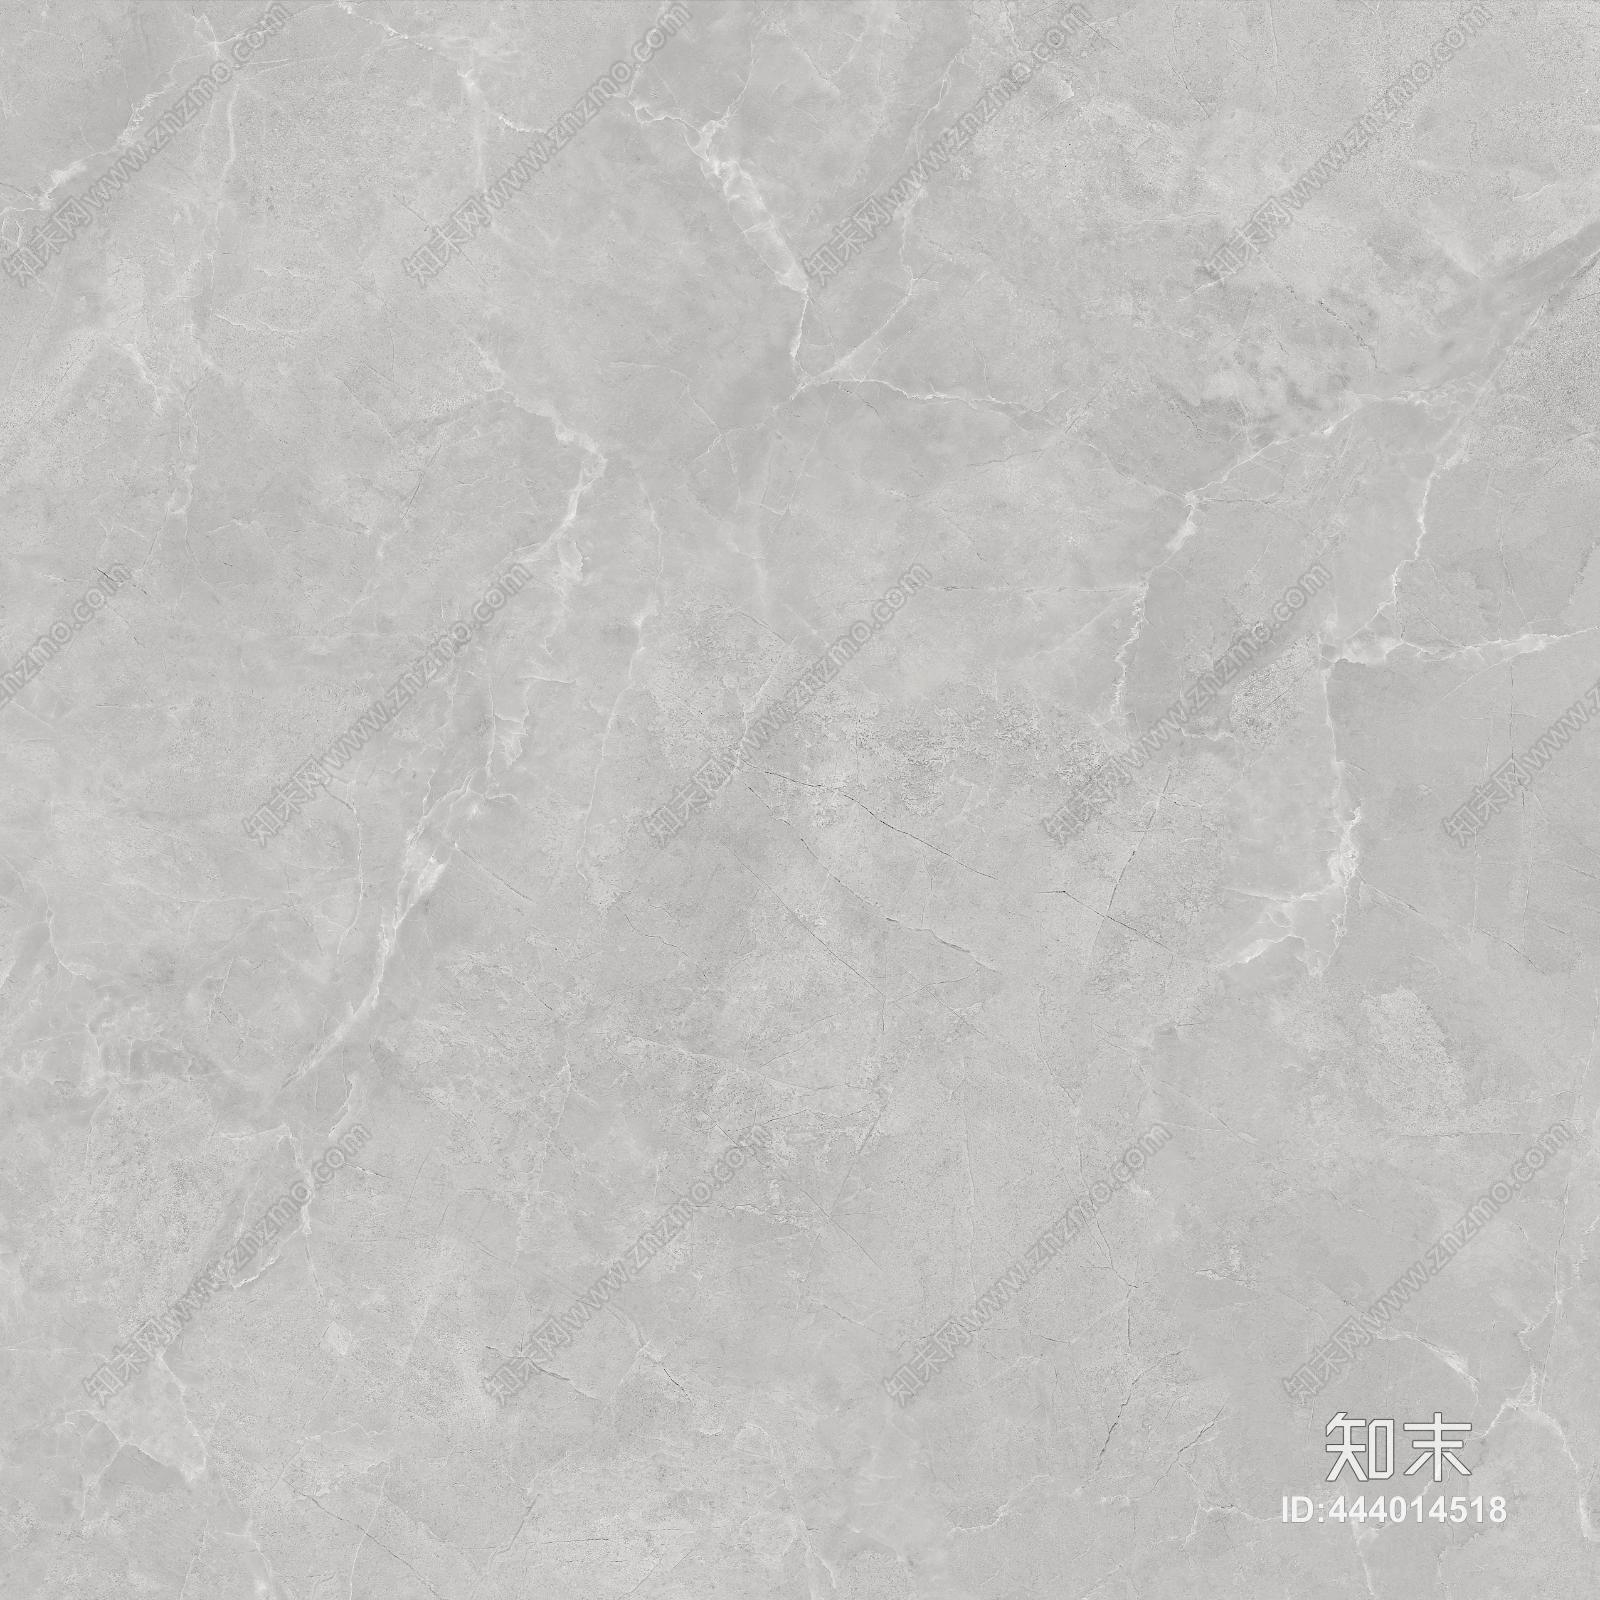 银岩暖灰贴图贴图下载【ID:444014518】